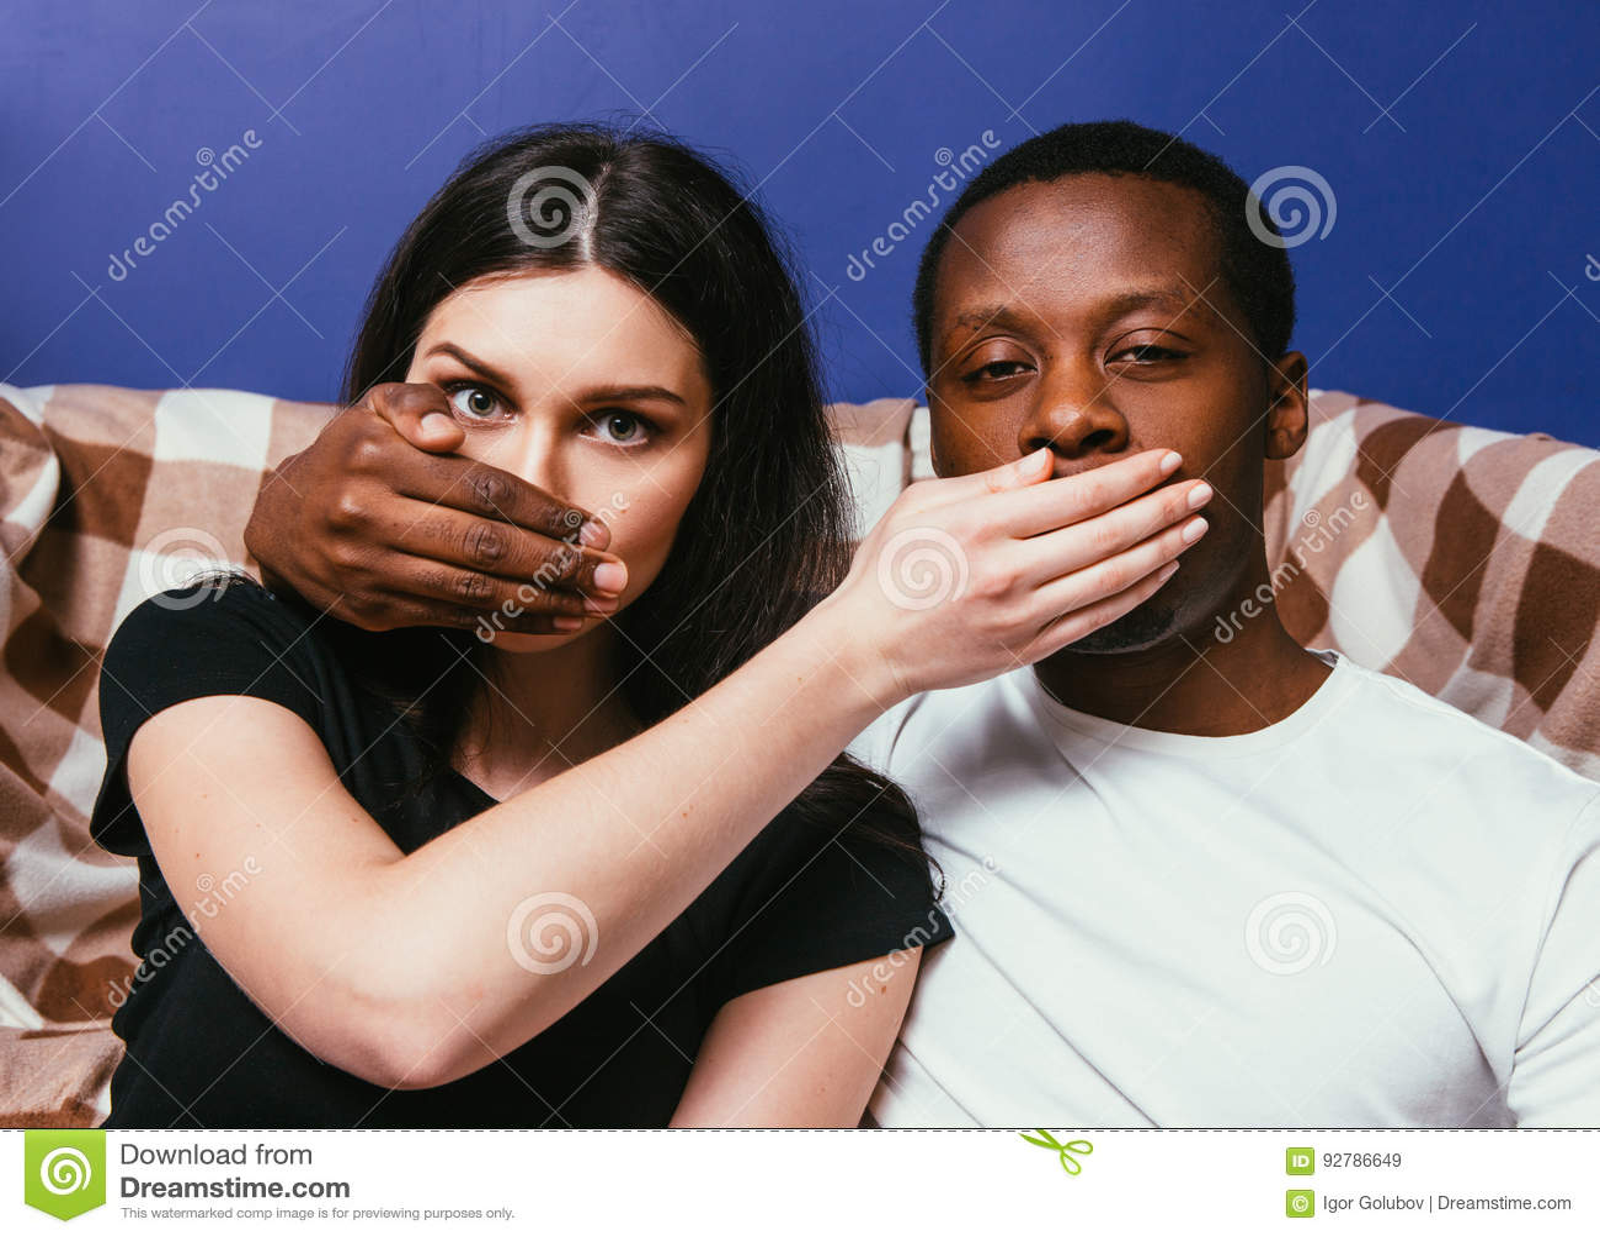 Межрассовые сексуальные отношения